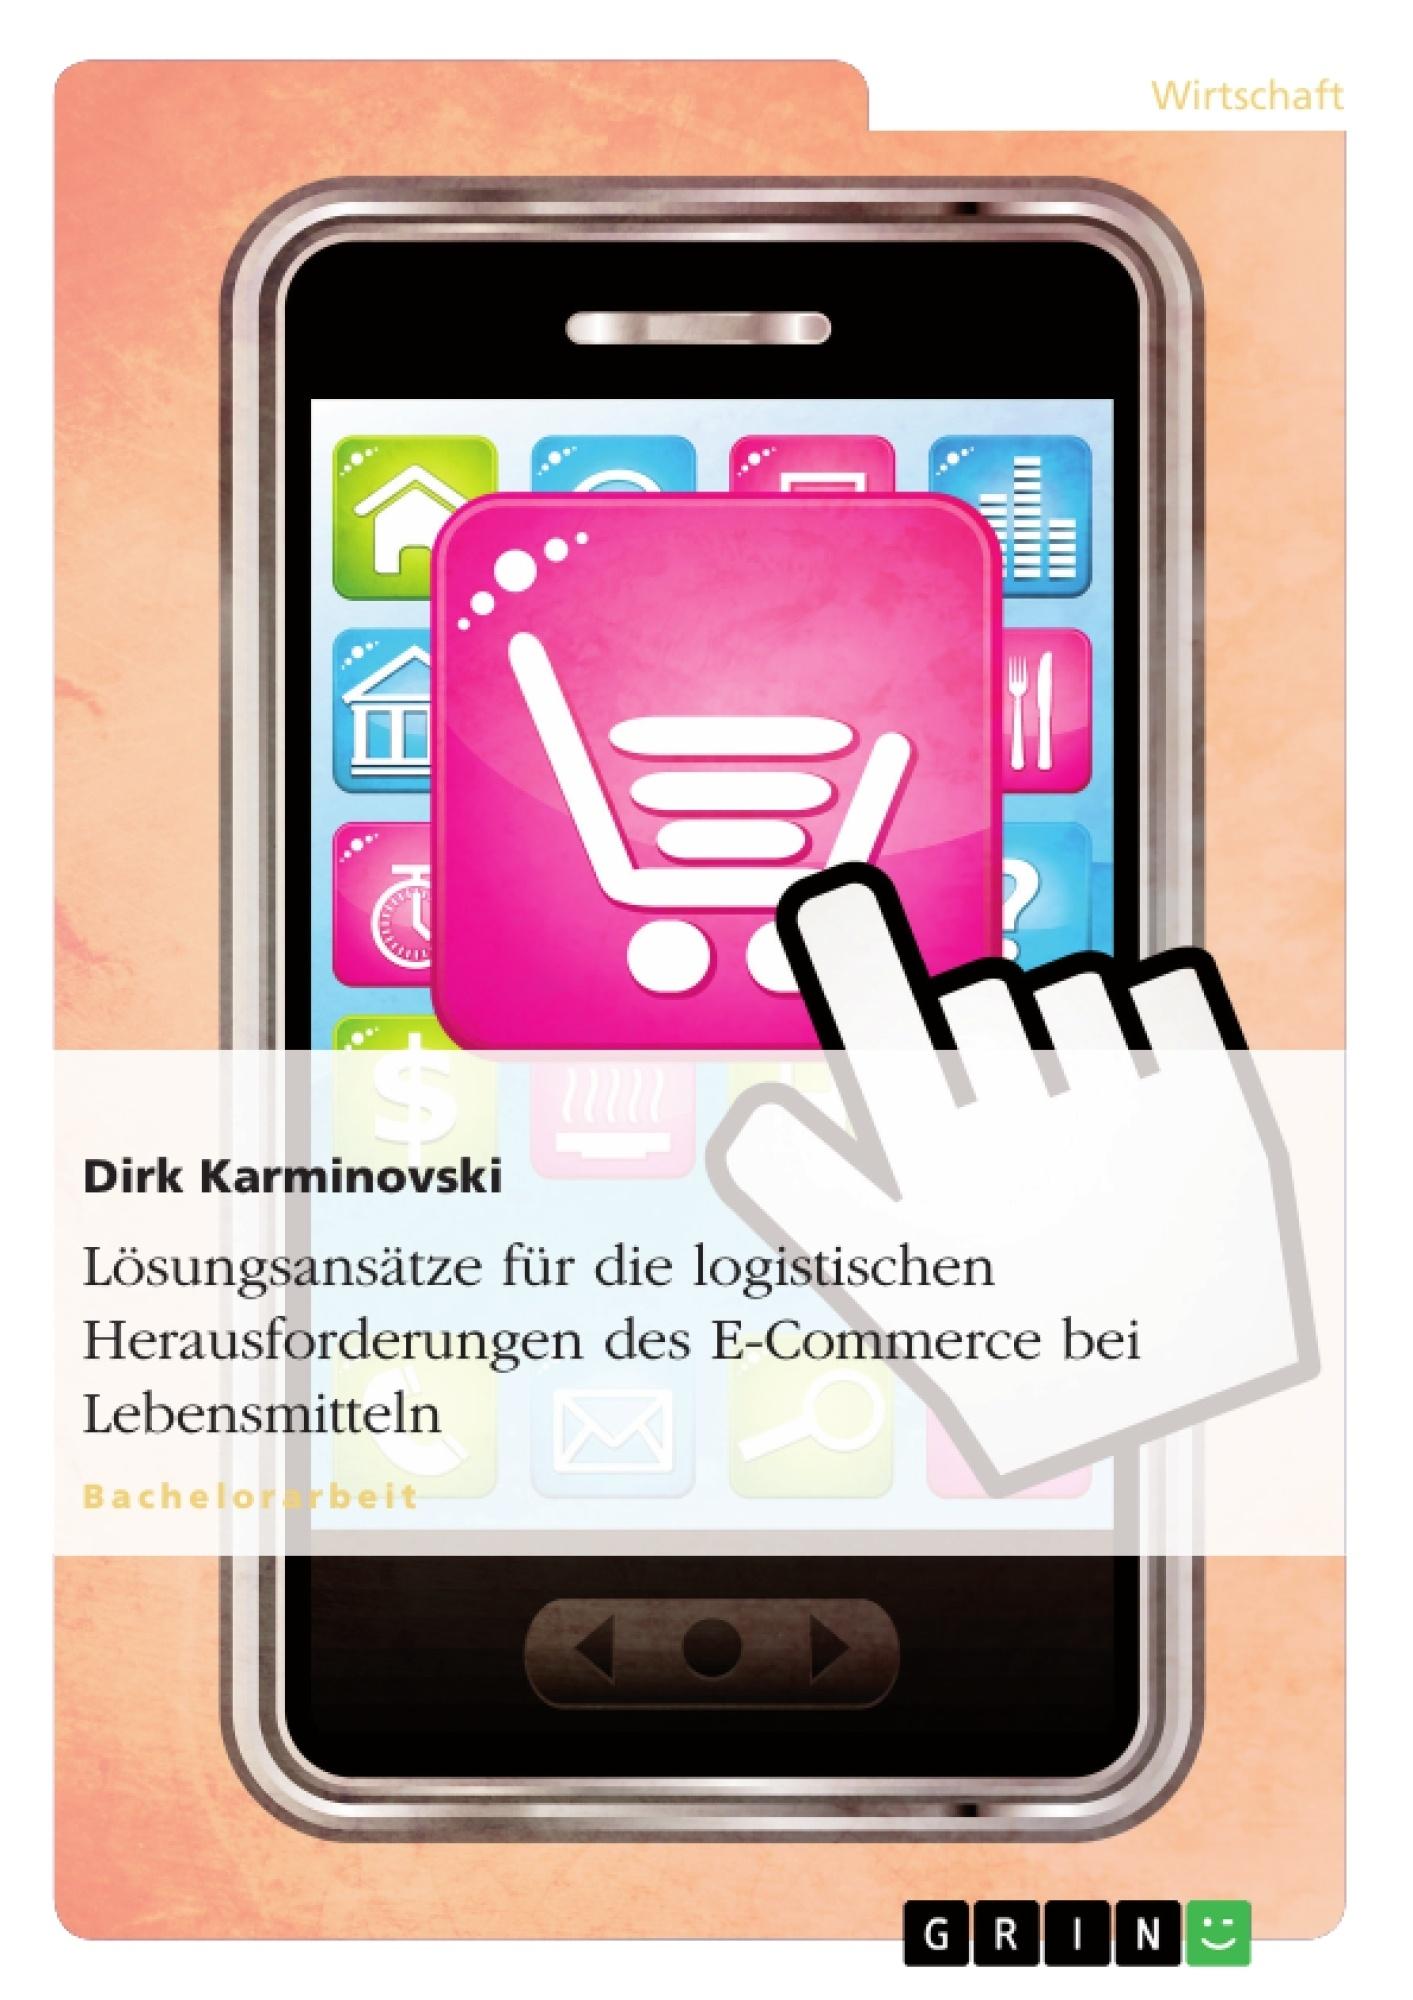 Titel: Lösungsansätze für die logistischen Herausforderungen des E-Commerce bei Lebensmitteln